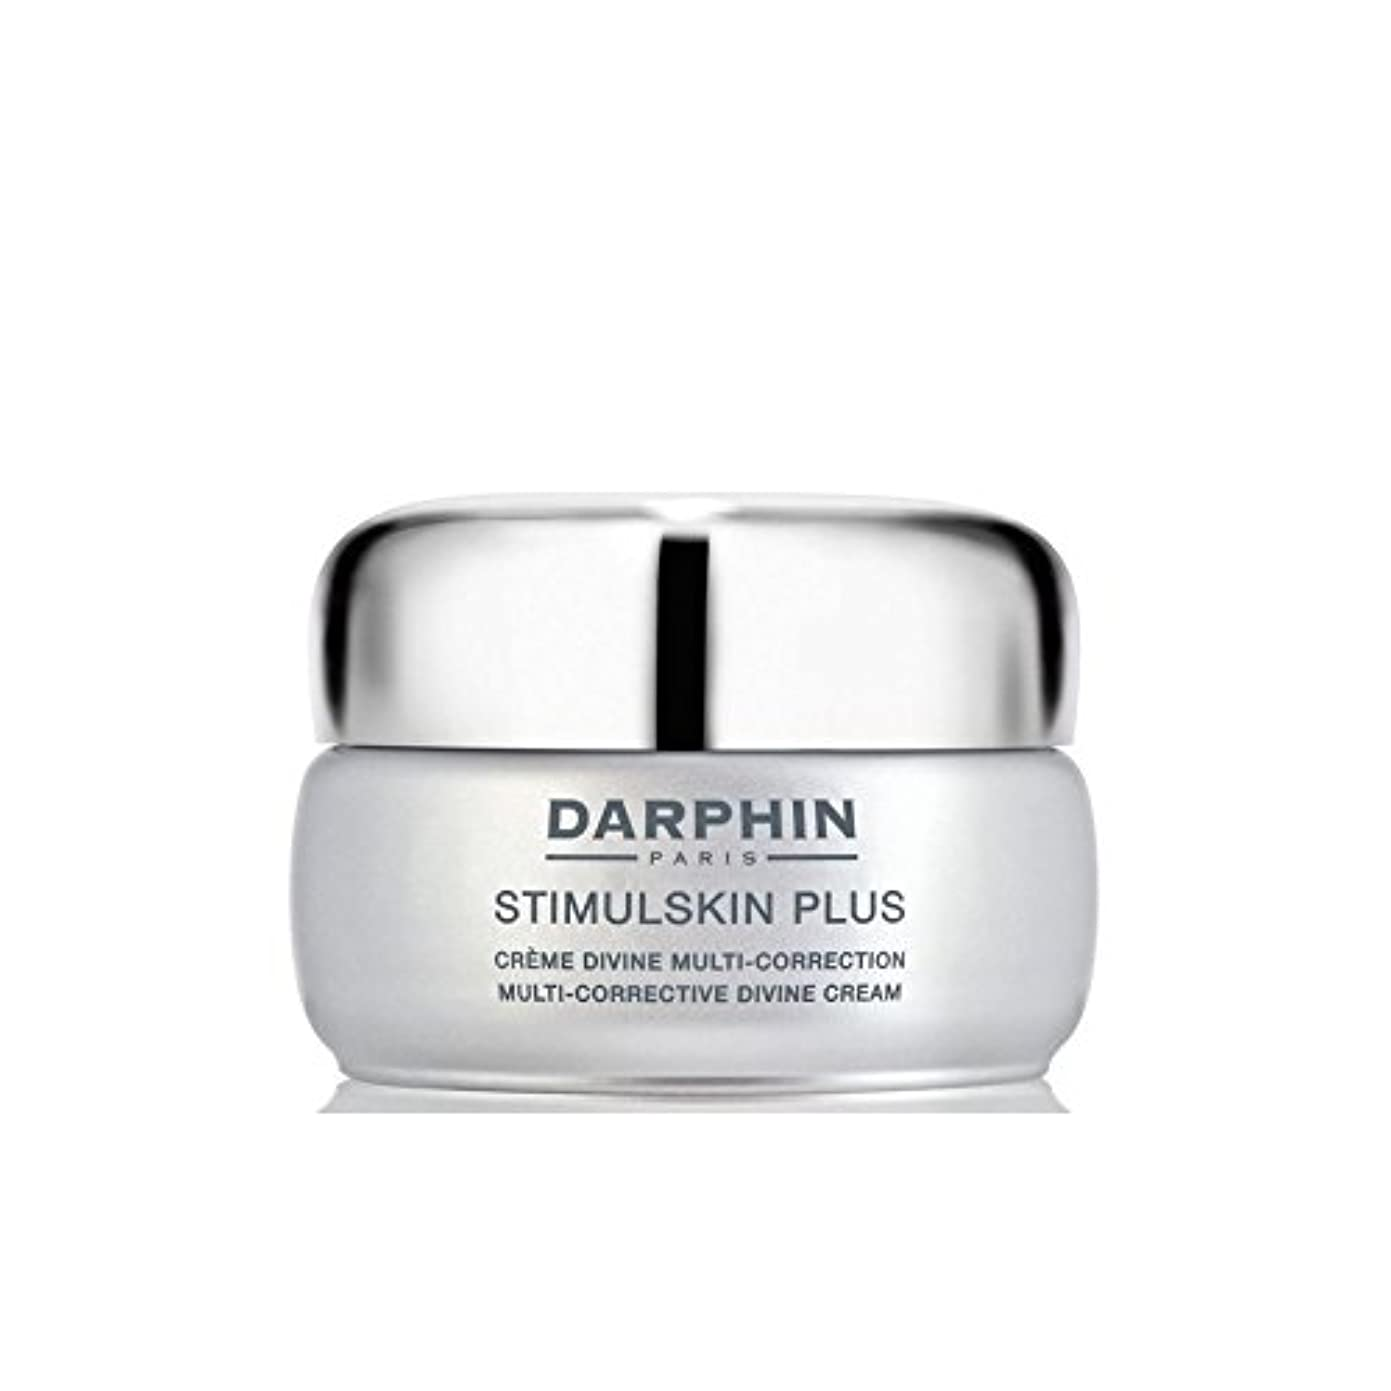 繰り返しエスカレートご予約ダルファンスティプラスマルチ是正神クリーム - 豊富 x4 - Darphin Stimulskin Plus Multi-Corrective Divine Cream - Rich (Pack of 4) [並行輸入品]